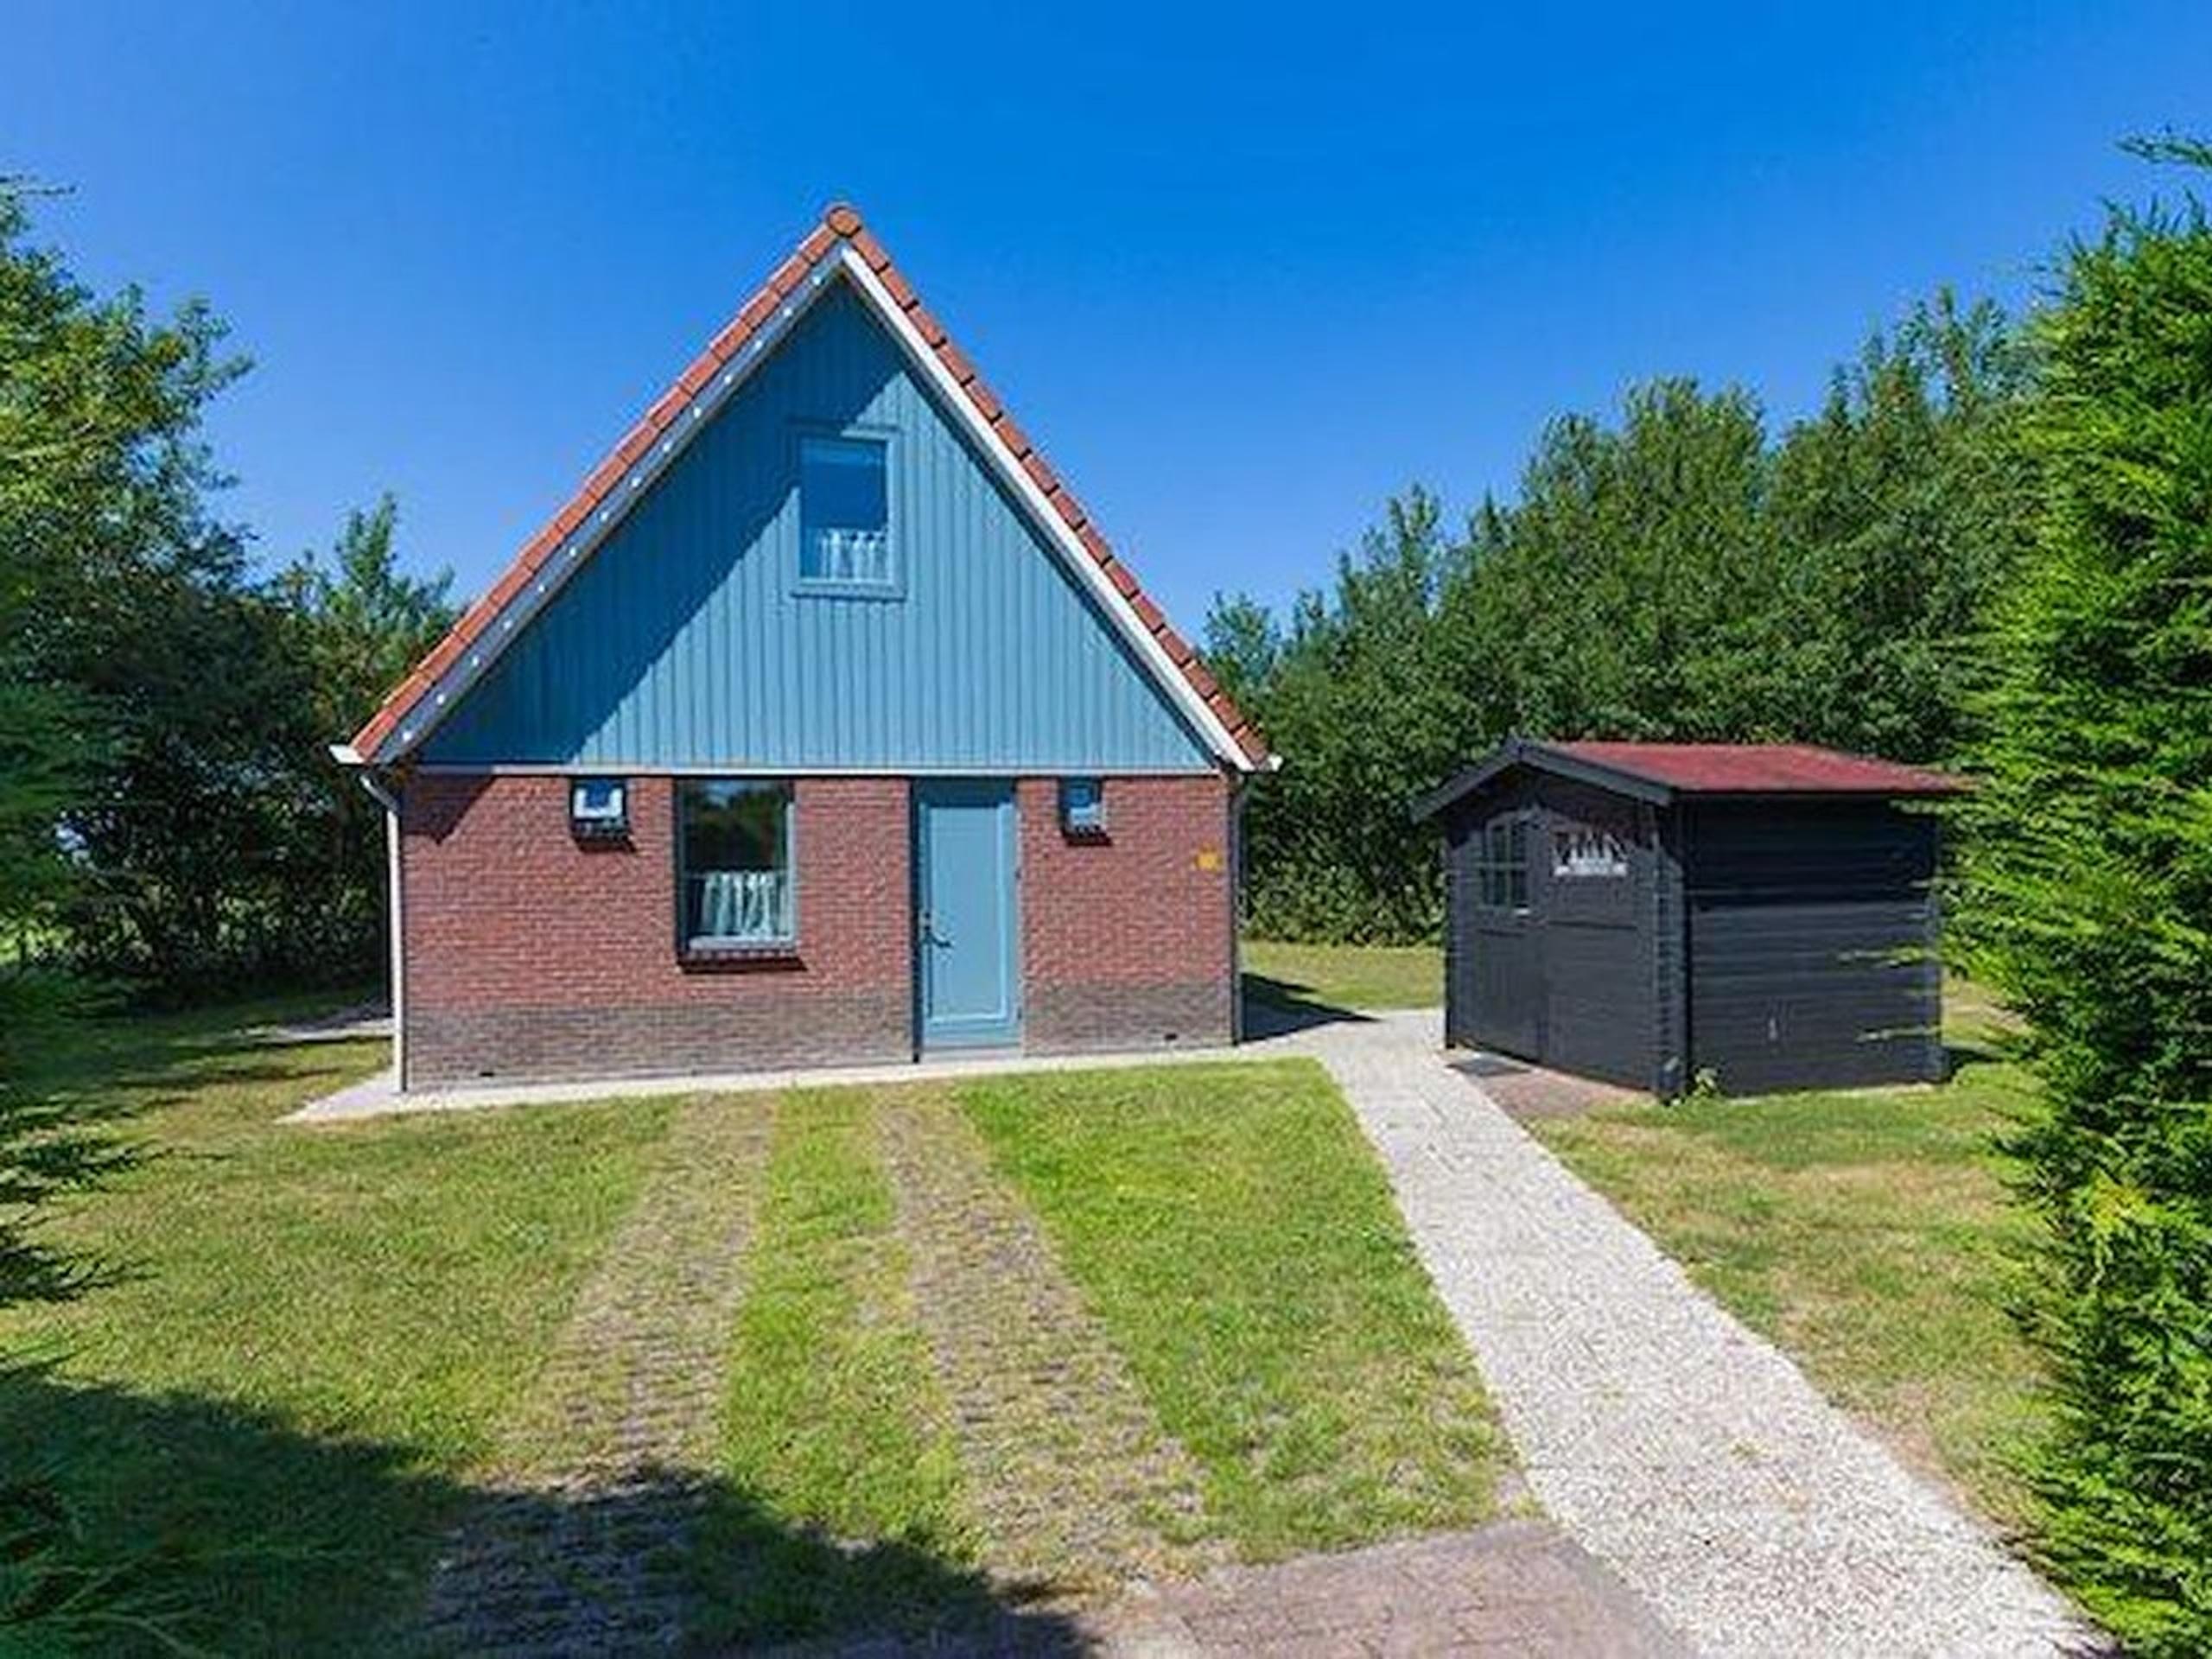 Freistehendes Ferienhaus am Wattenmeer und Naturgebiet Utopia